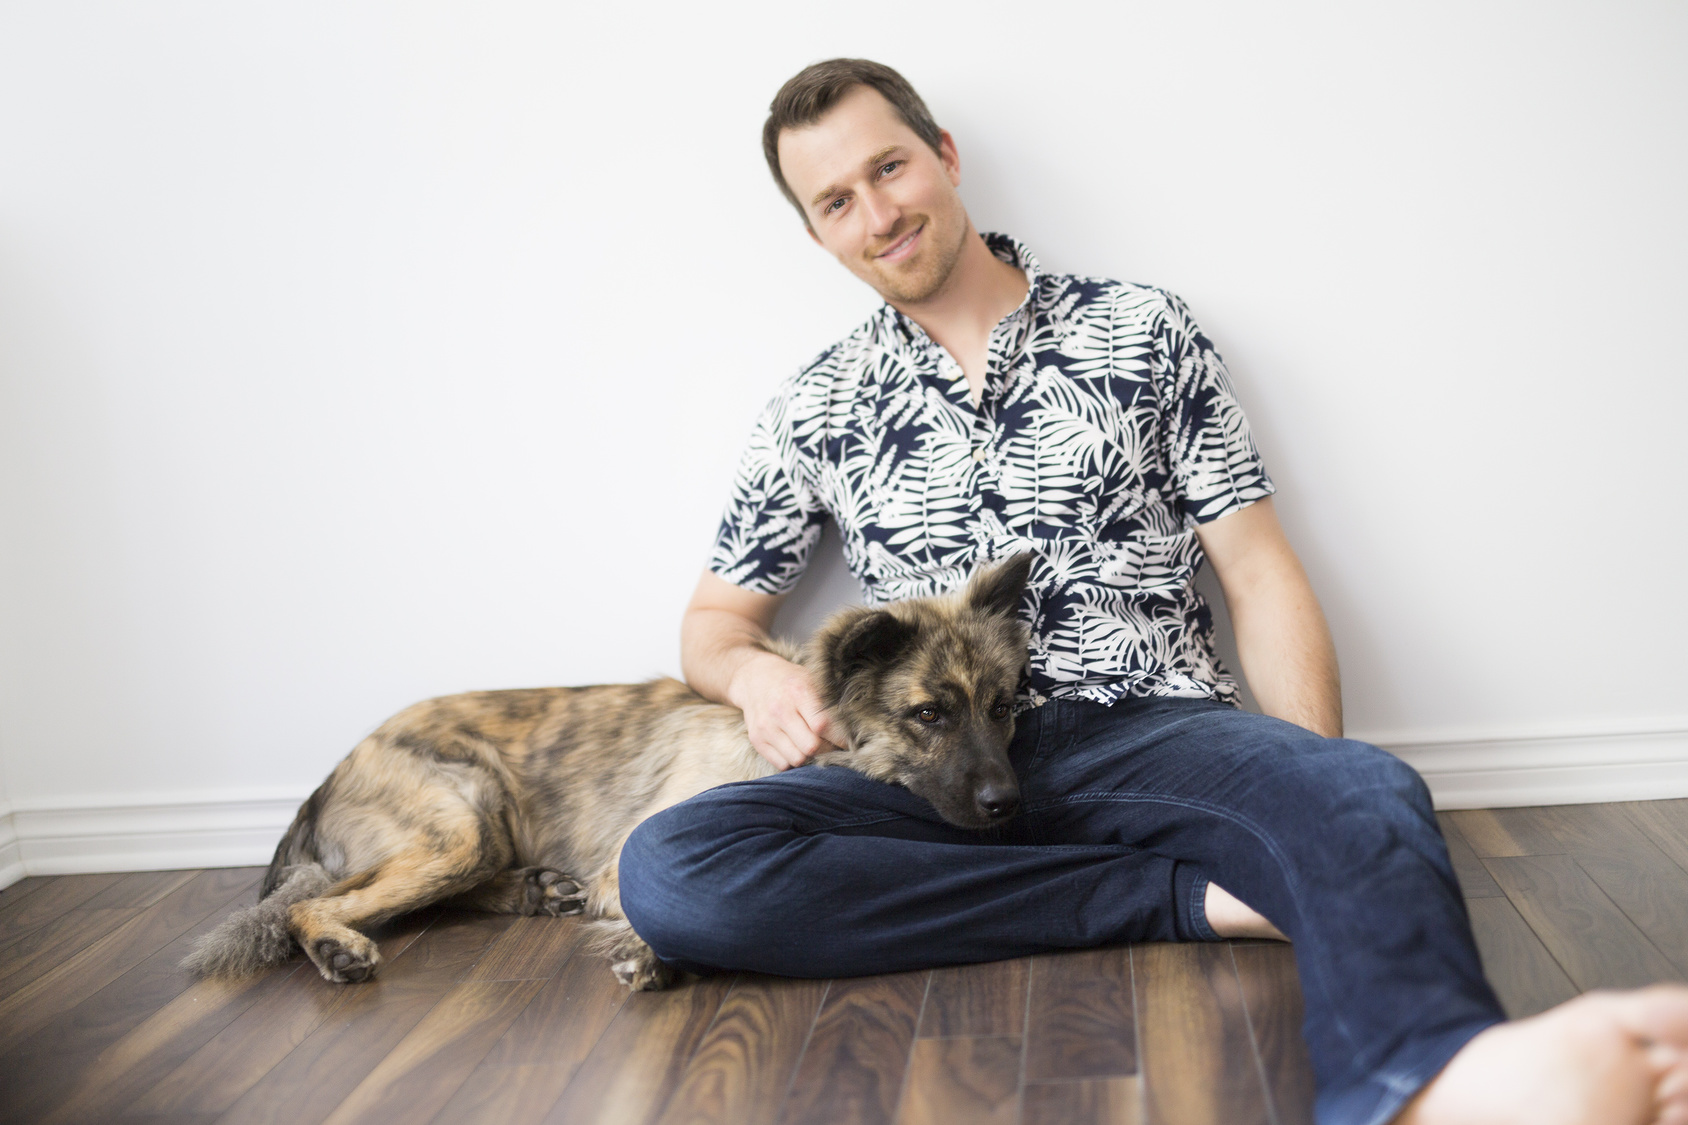 男性が一人暮らしで犬を飼う前に必要な心構え